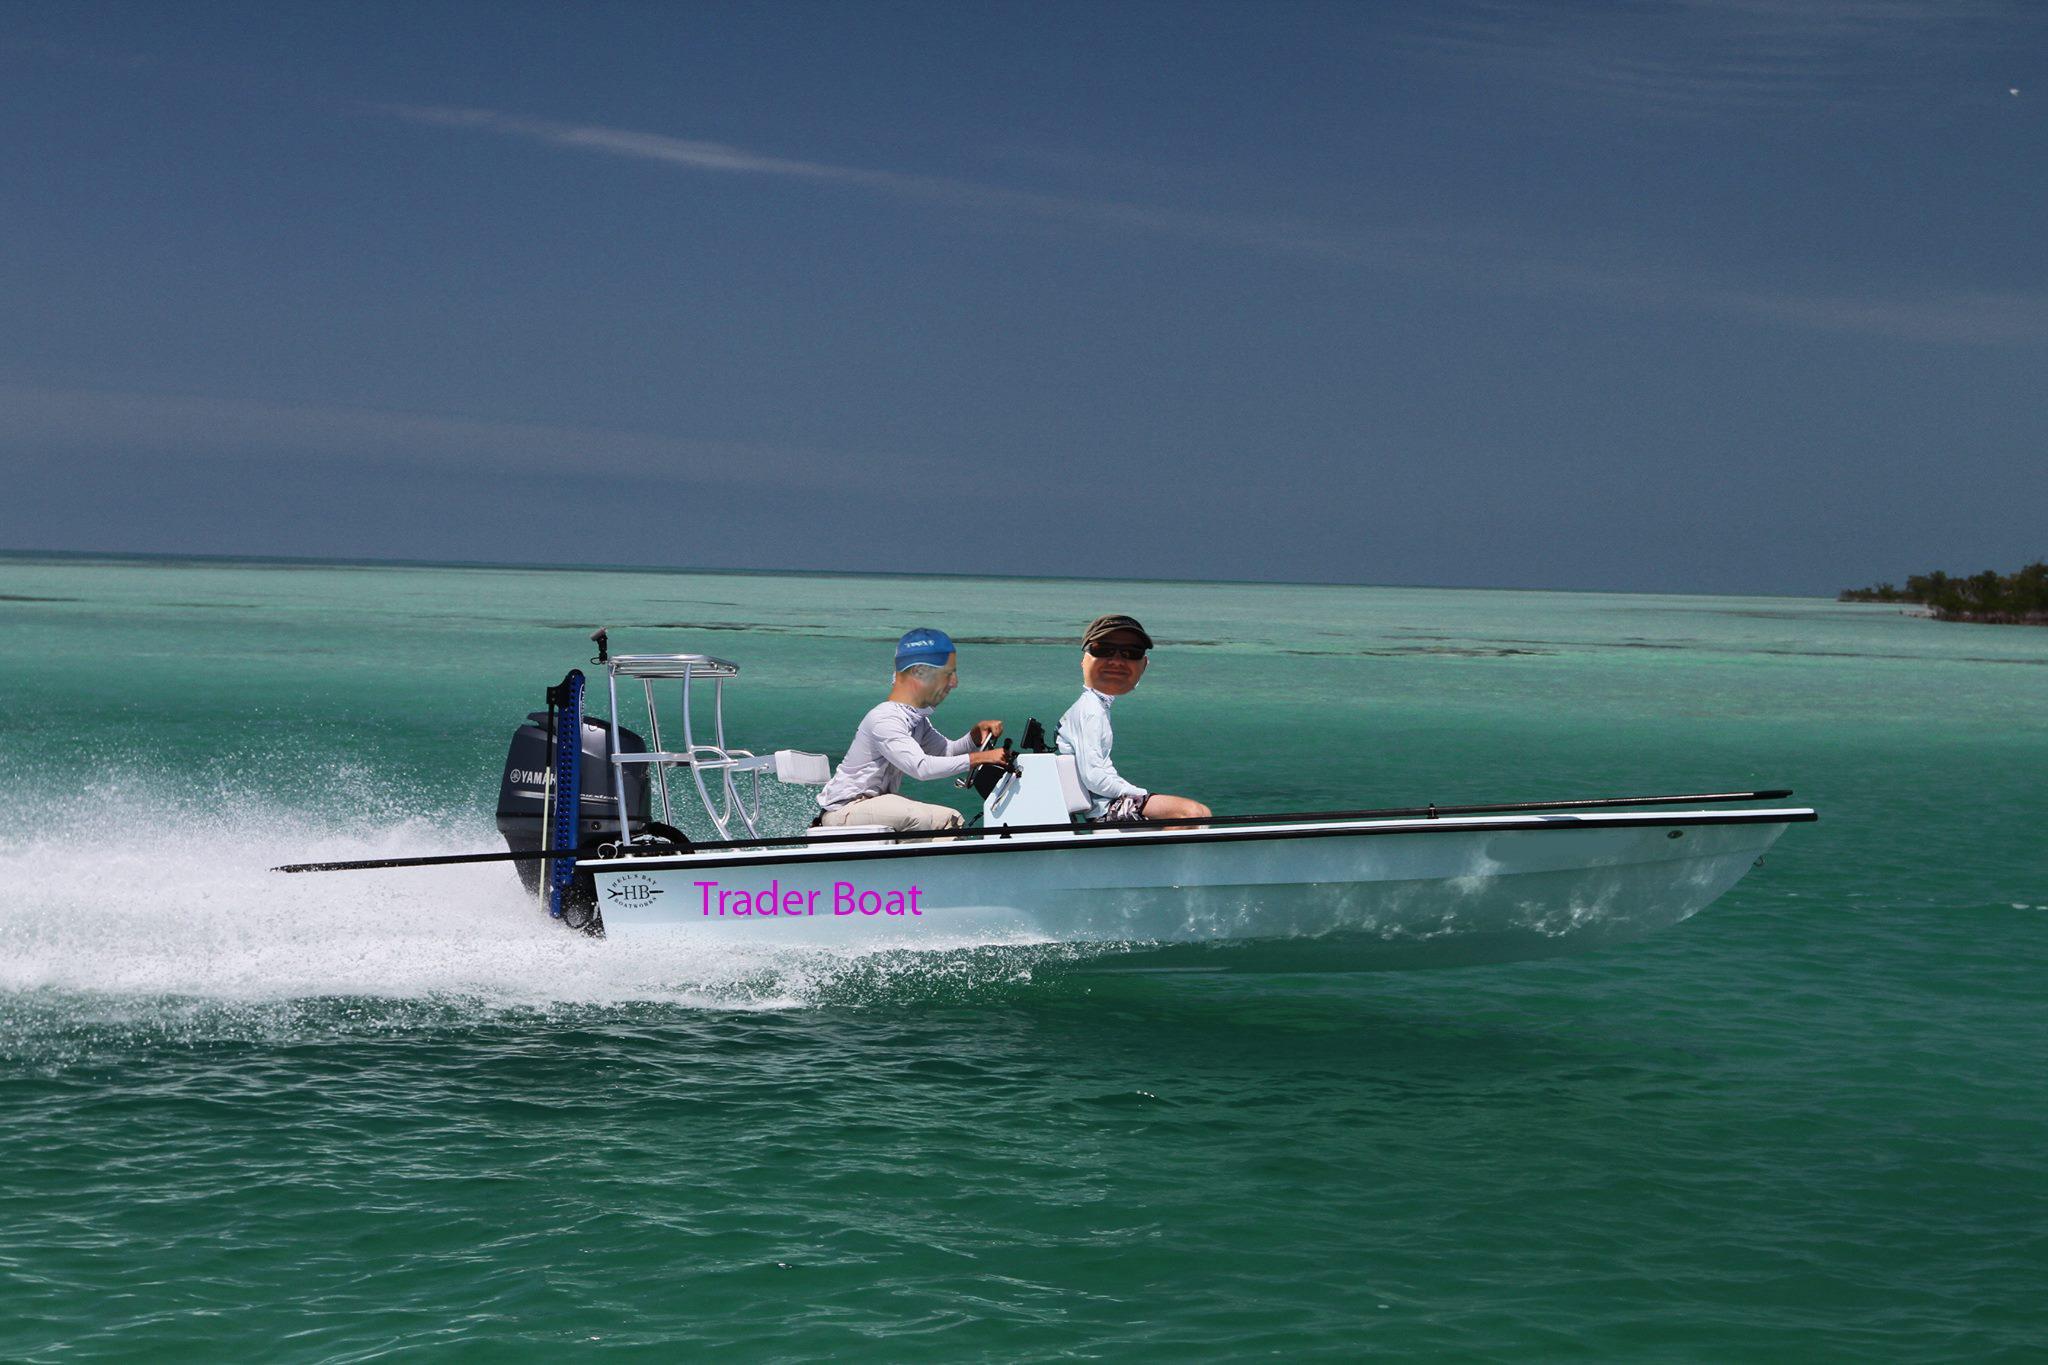 Trader_Boat!.jpg